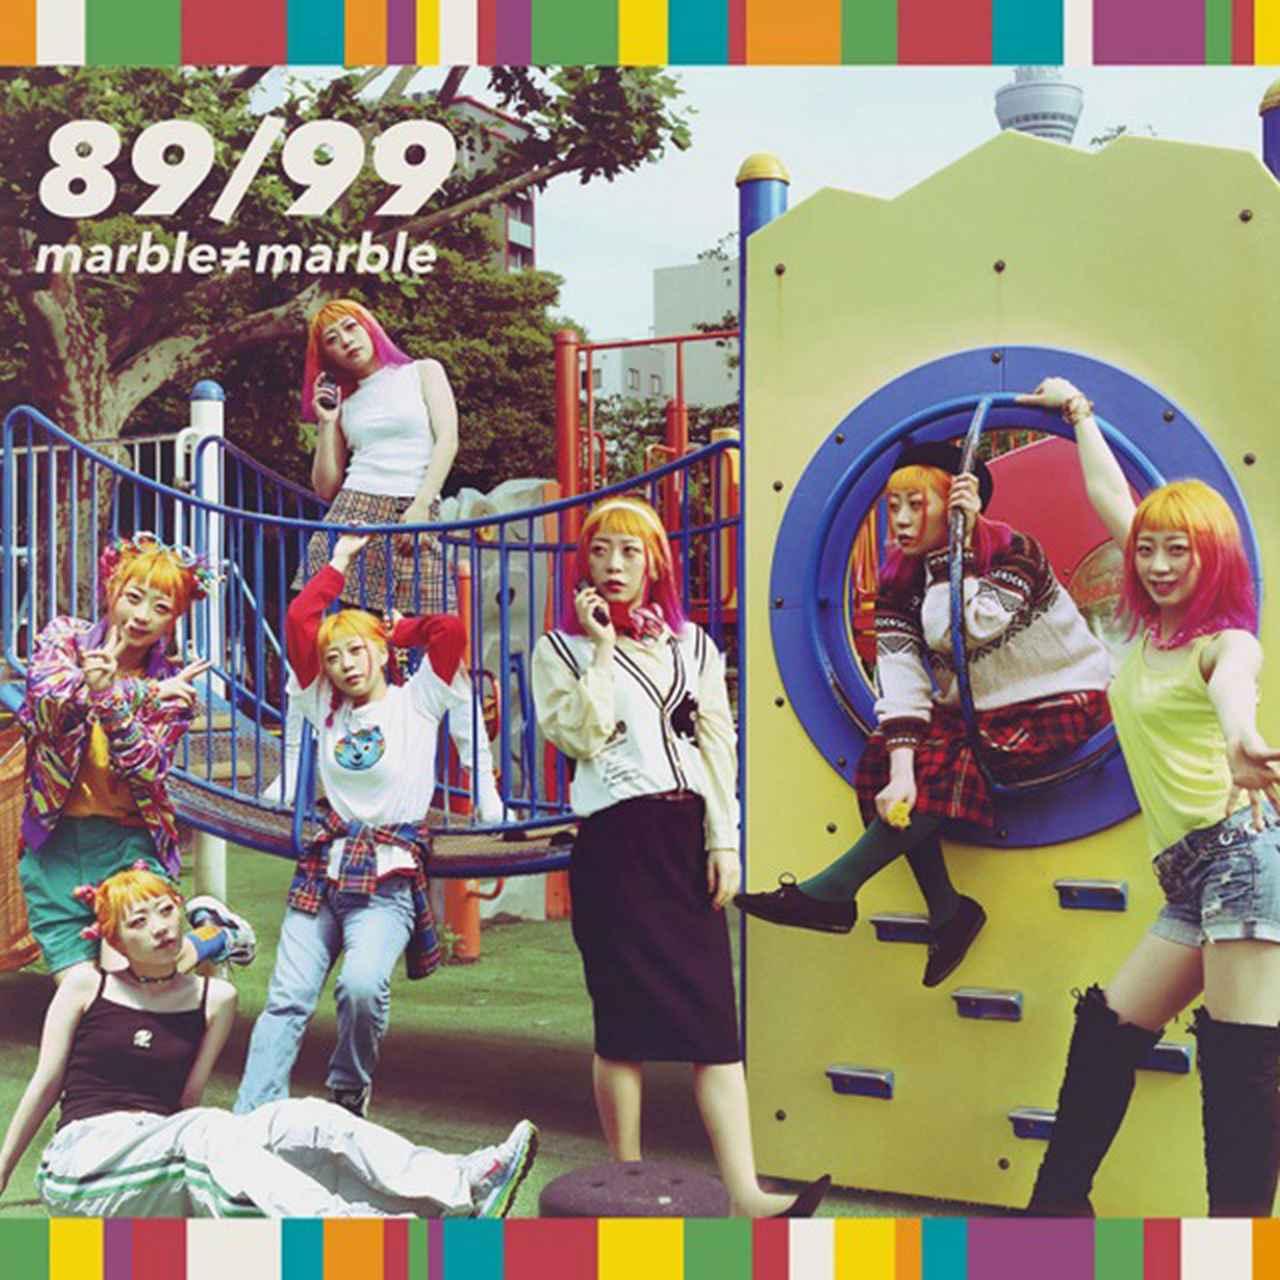 画像: 89/99 / marble≠marble on OTOTOY Music Store